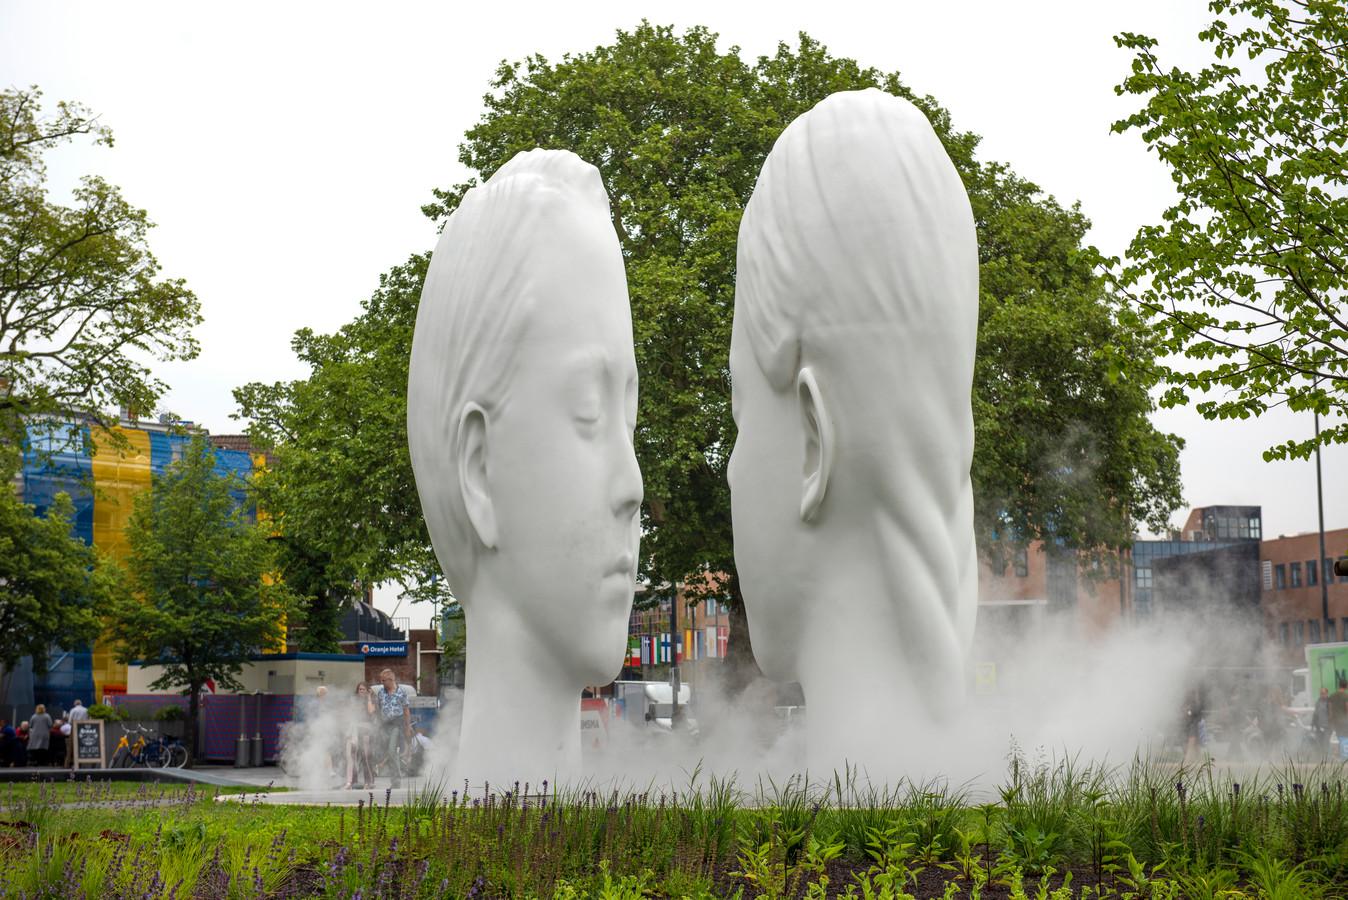 Beeld 'Love' van Jaume Plensa:  wat een ongelooflijk fraai en sterk kunstwerk is dit!